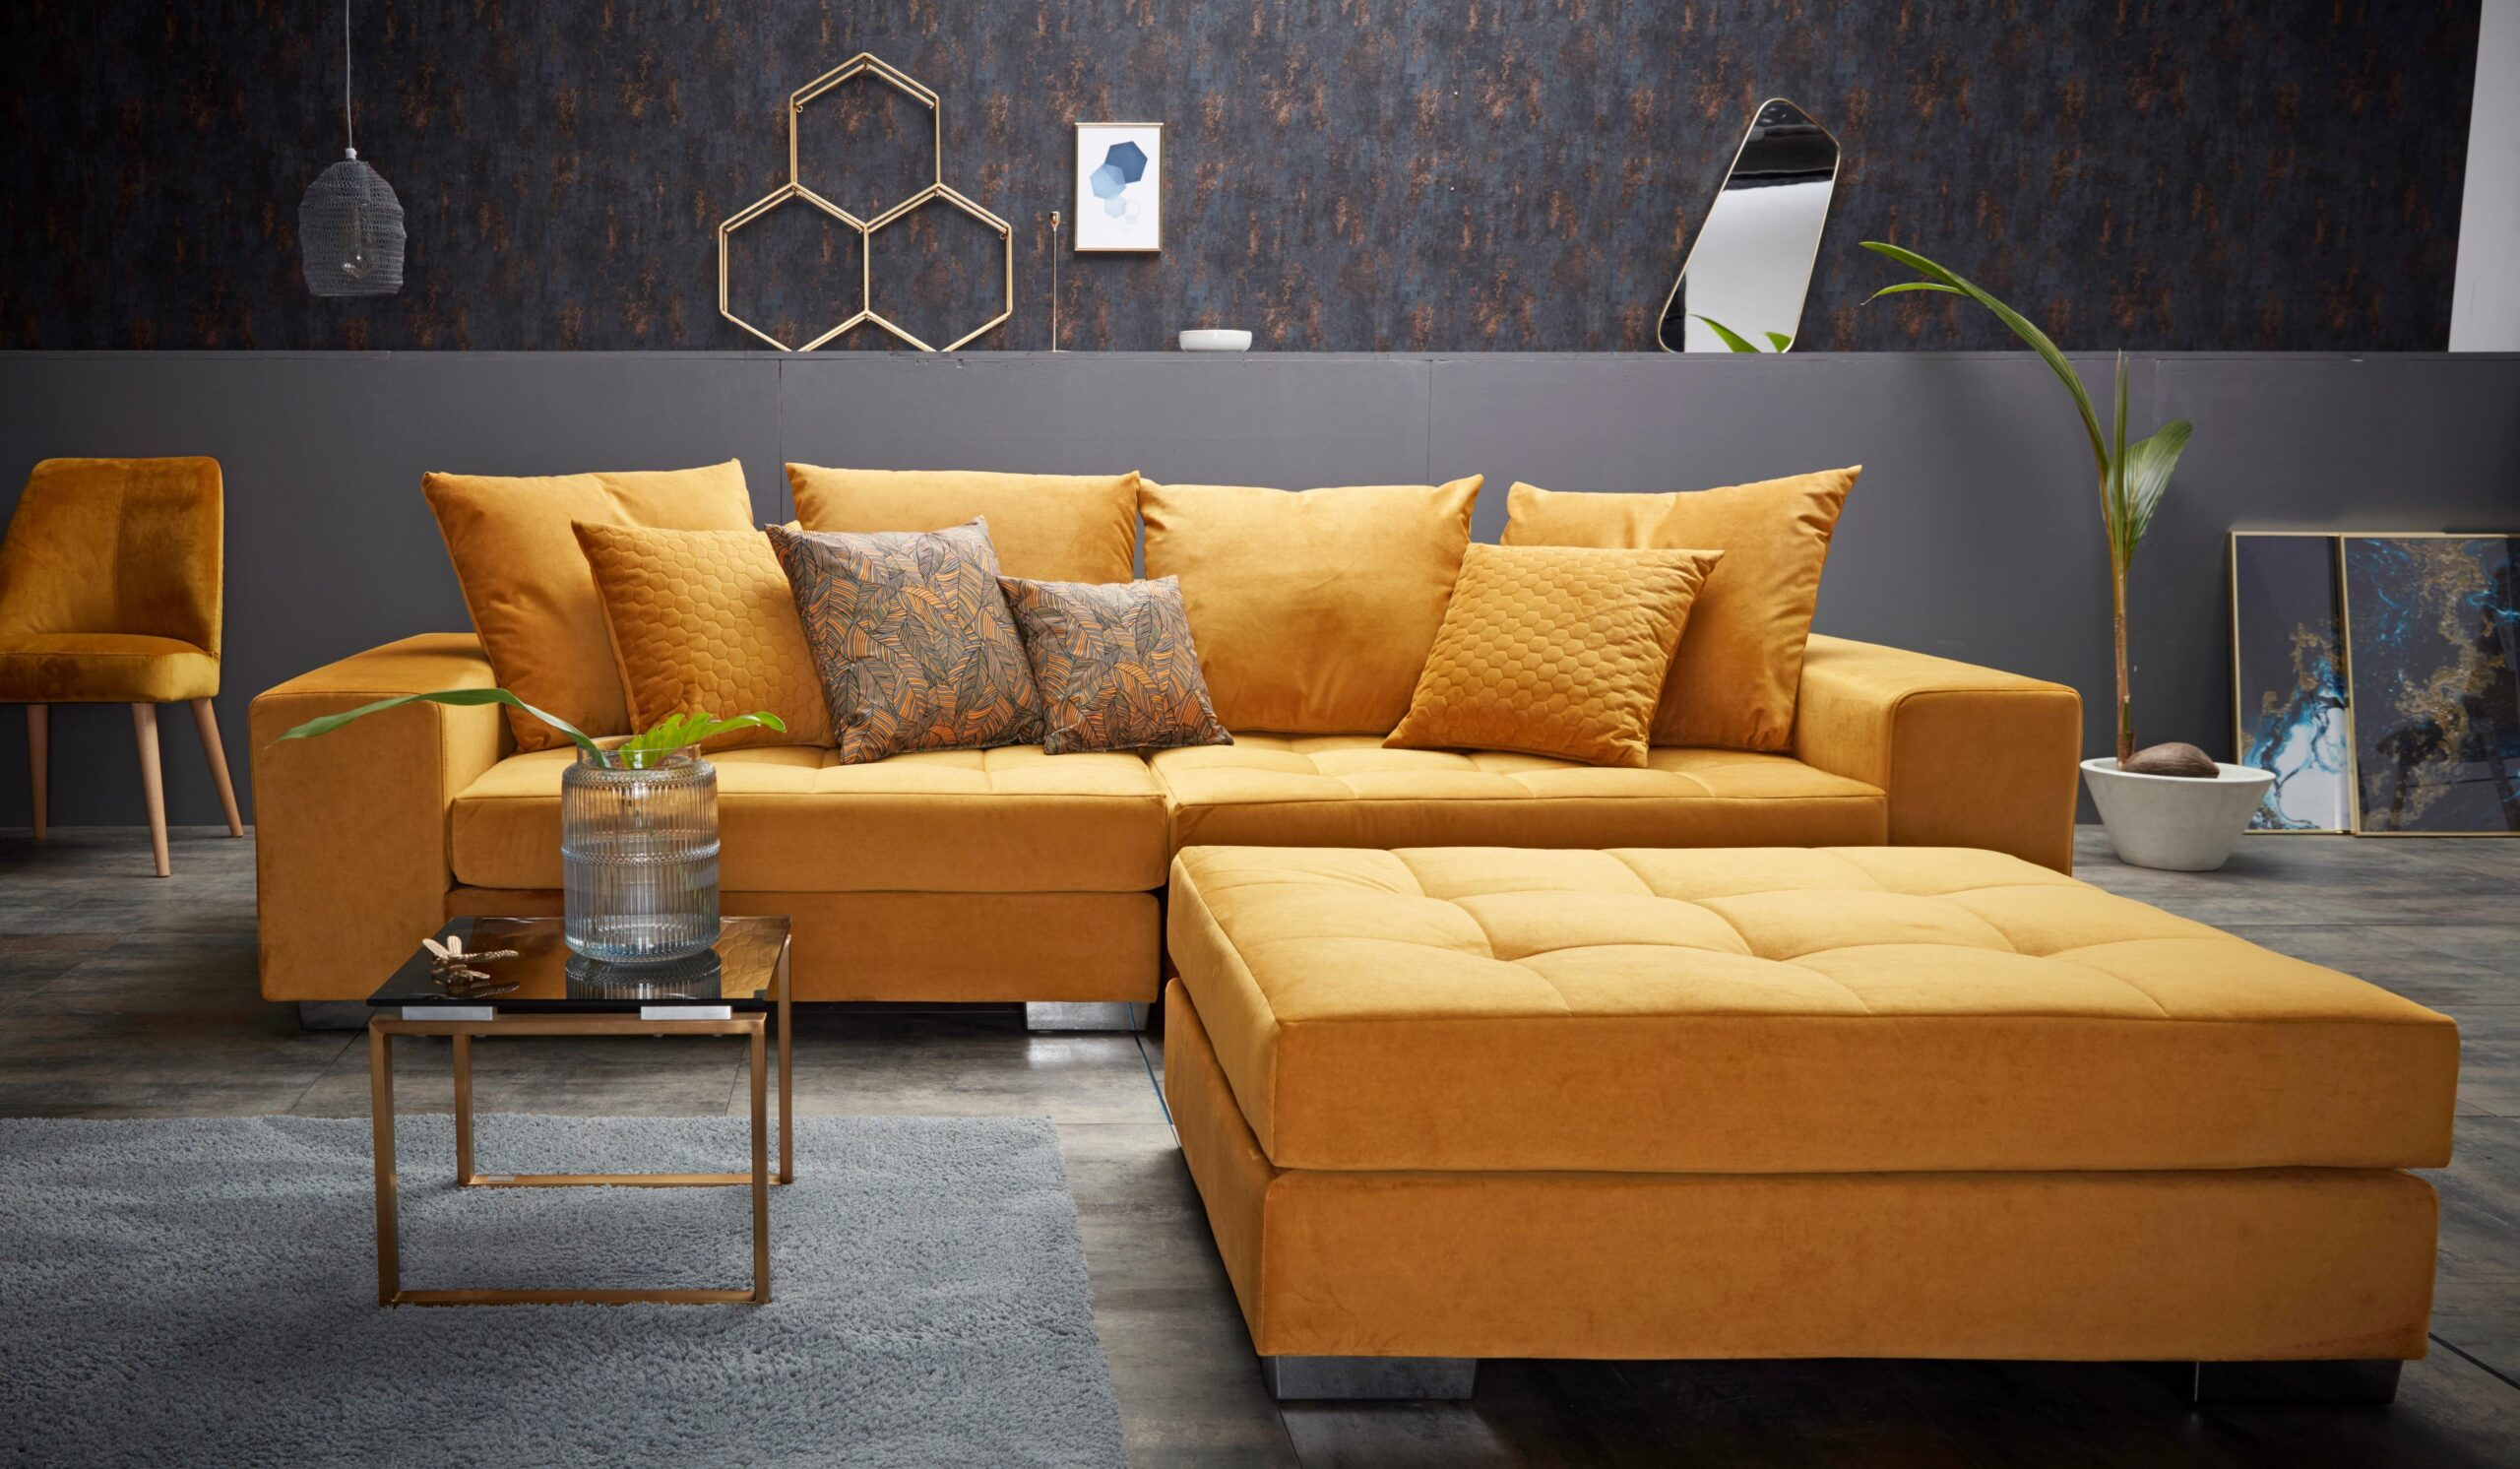 Full Size of Sofa Auf Raten Inosign Big Vale Kaufen Quellede Groe Sofas Dauerschläfer Günstig Betten Küche Ikea München Boxspring Mit Schlaffunktion überzug Machalke 3 Sofa Sofa Auf Raten